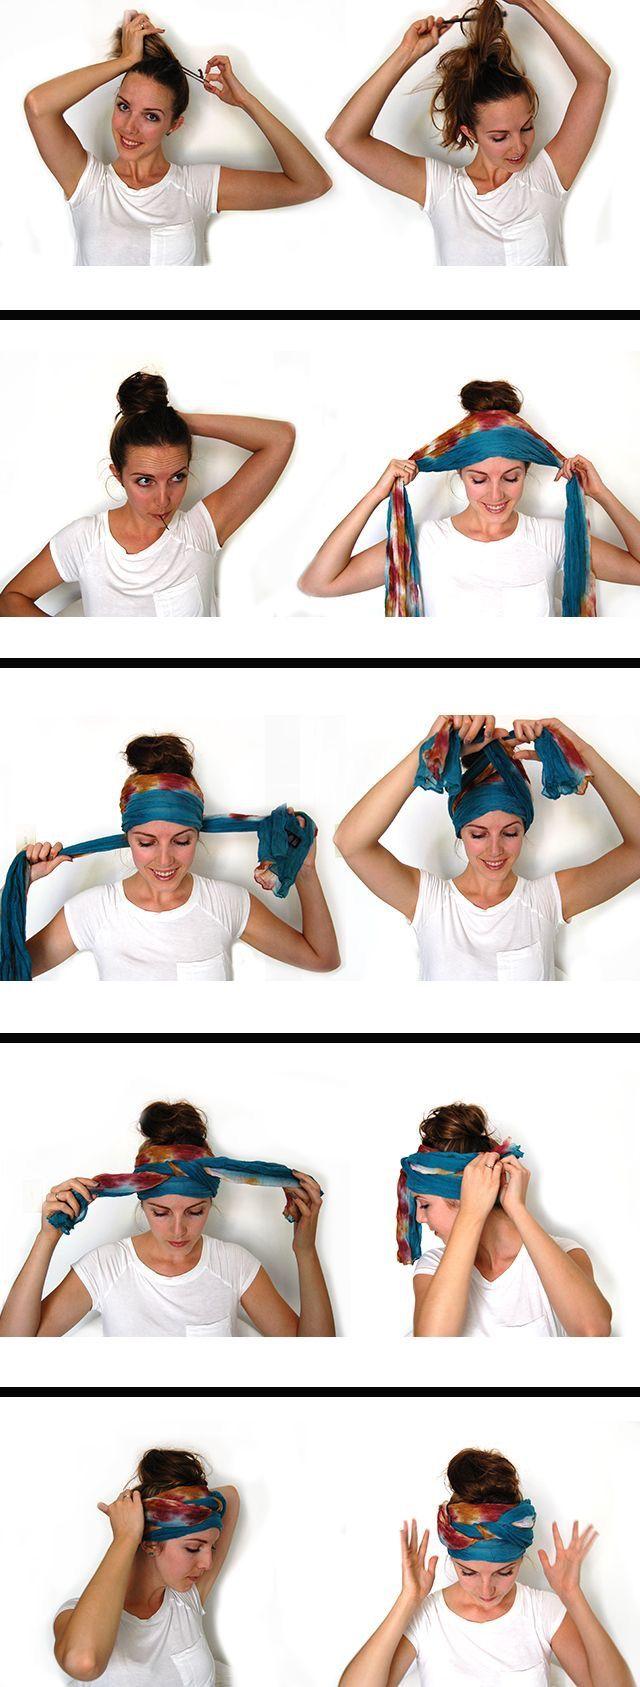 таких условиях как завязать косынку на голове фото пошаговое подключении телефона